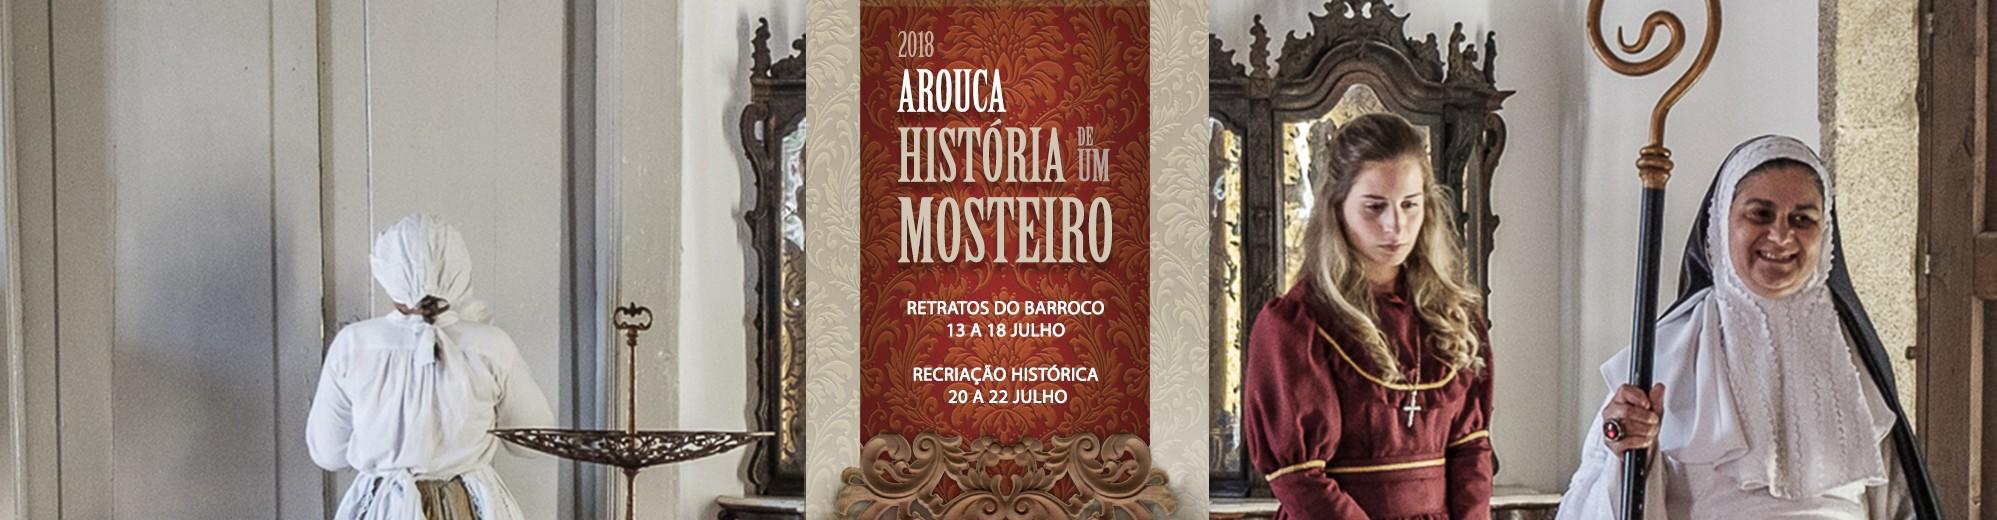 Arouca – História de um Mosteiro